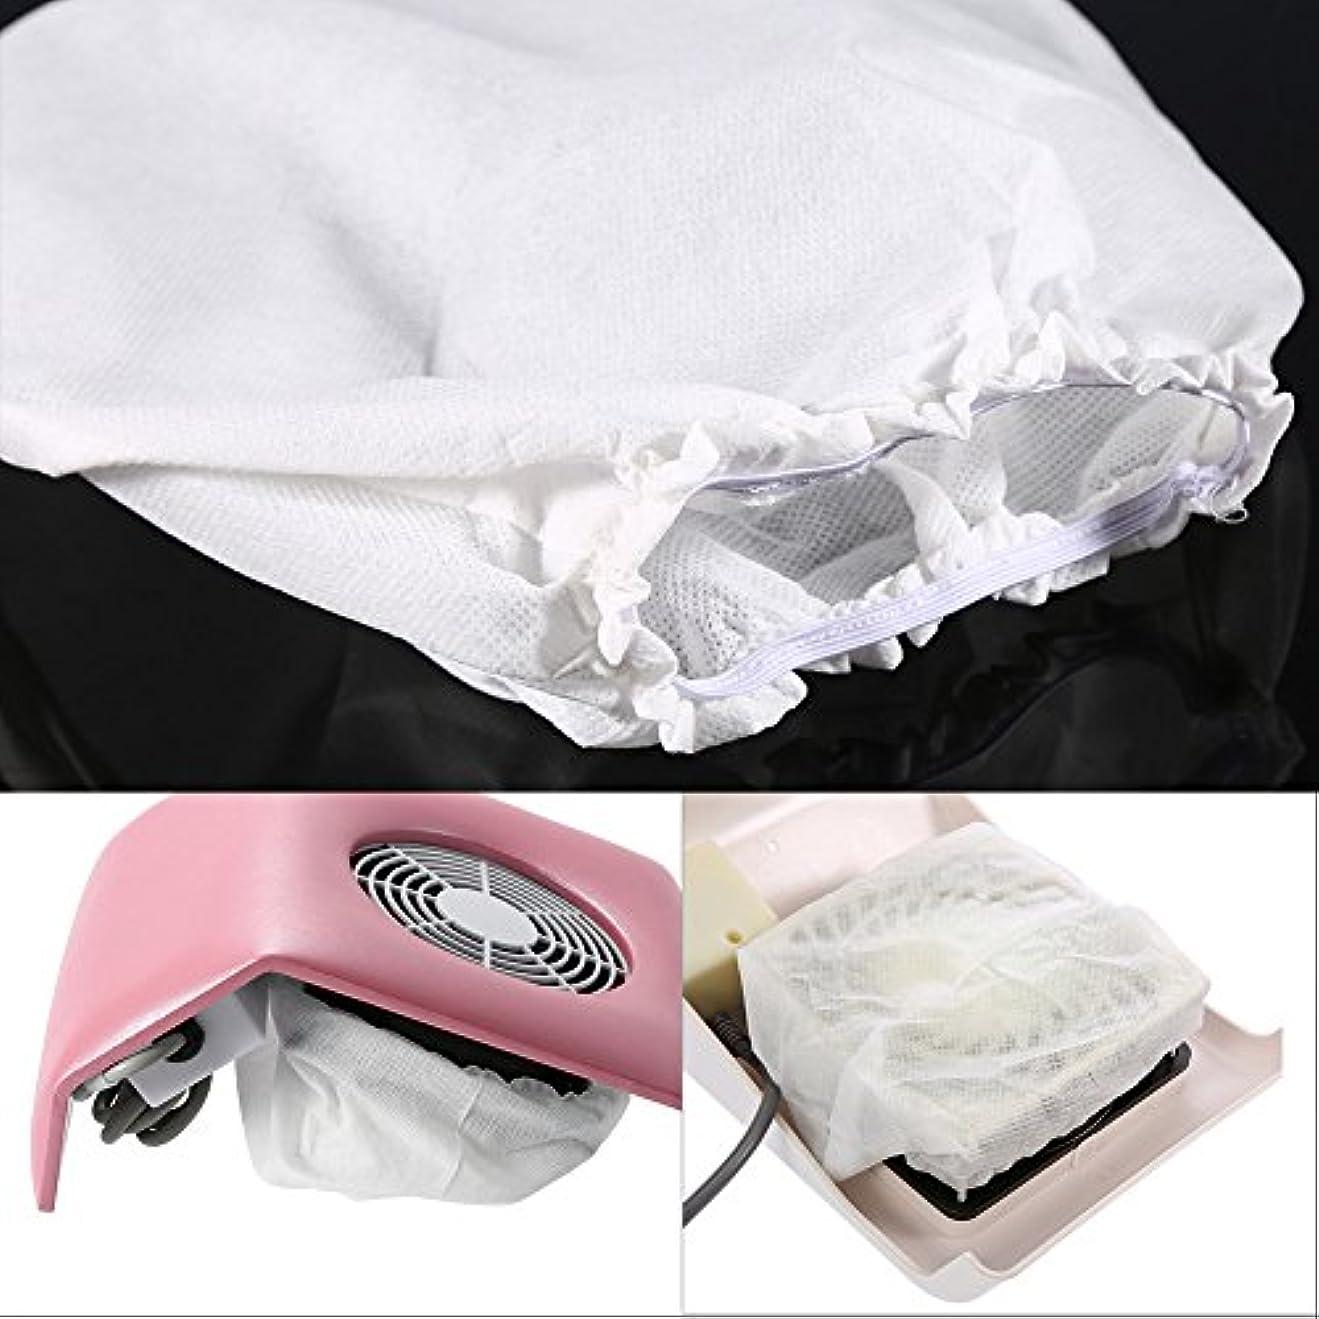 いくつかのゆりかご相反する10枚セット ネイル 不織布掃除機交換バッグ ネイルダストコレクション機器用 アクセサリー サロンツール